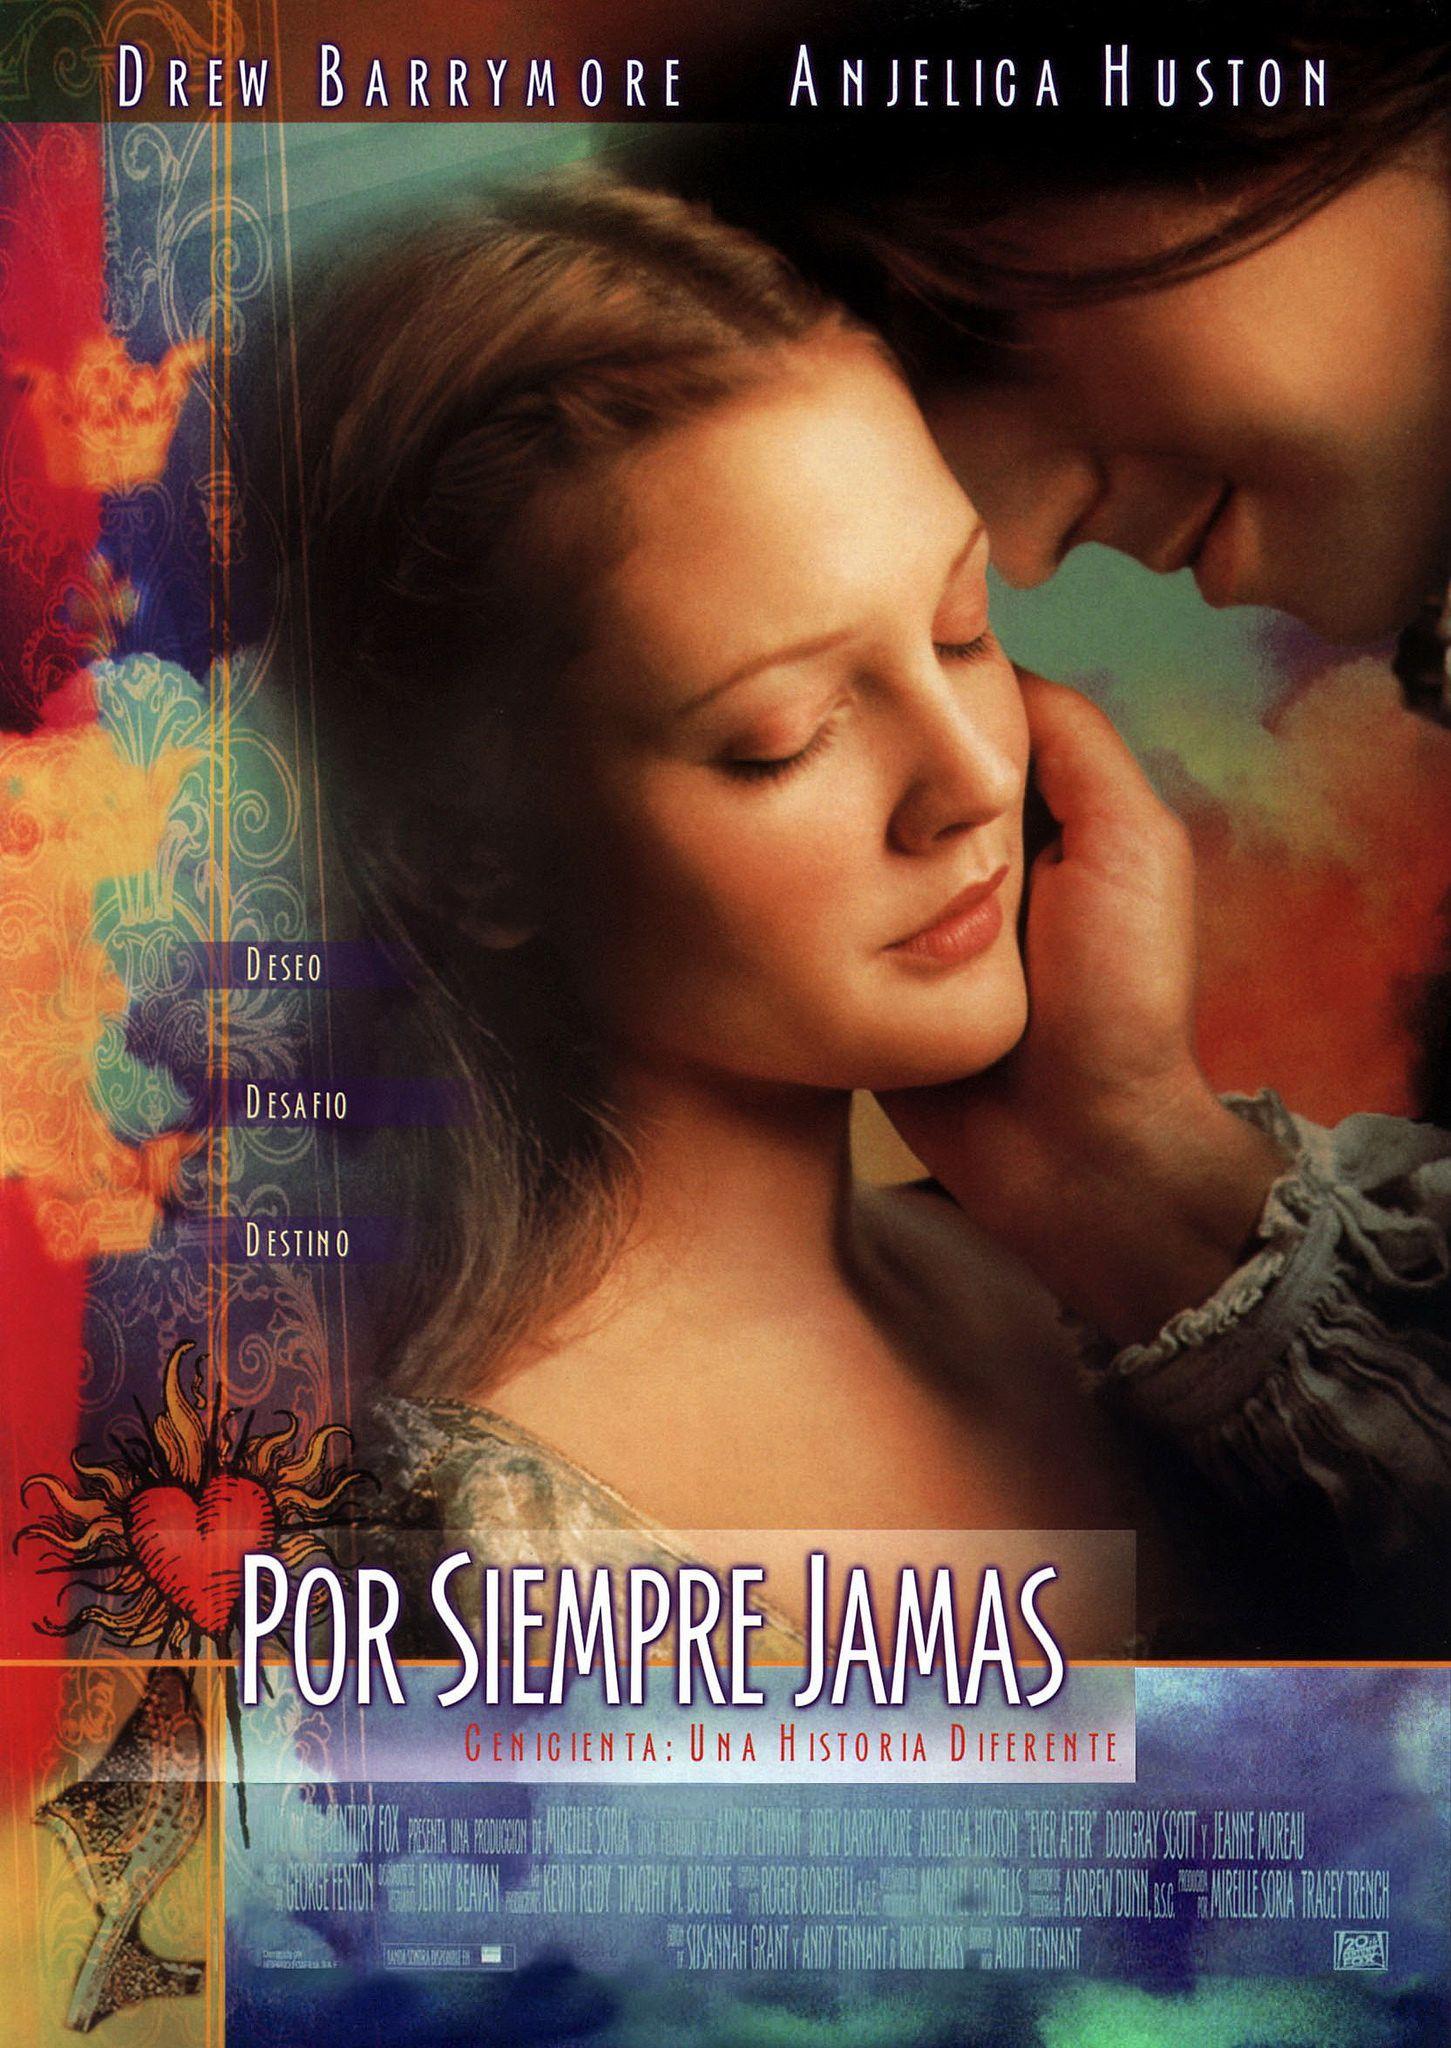 Por Siempre Jamas Cinderella Movie Romantic Movies A Cinderella Story